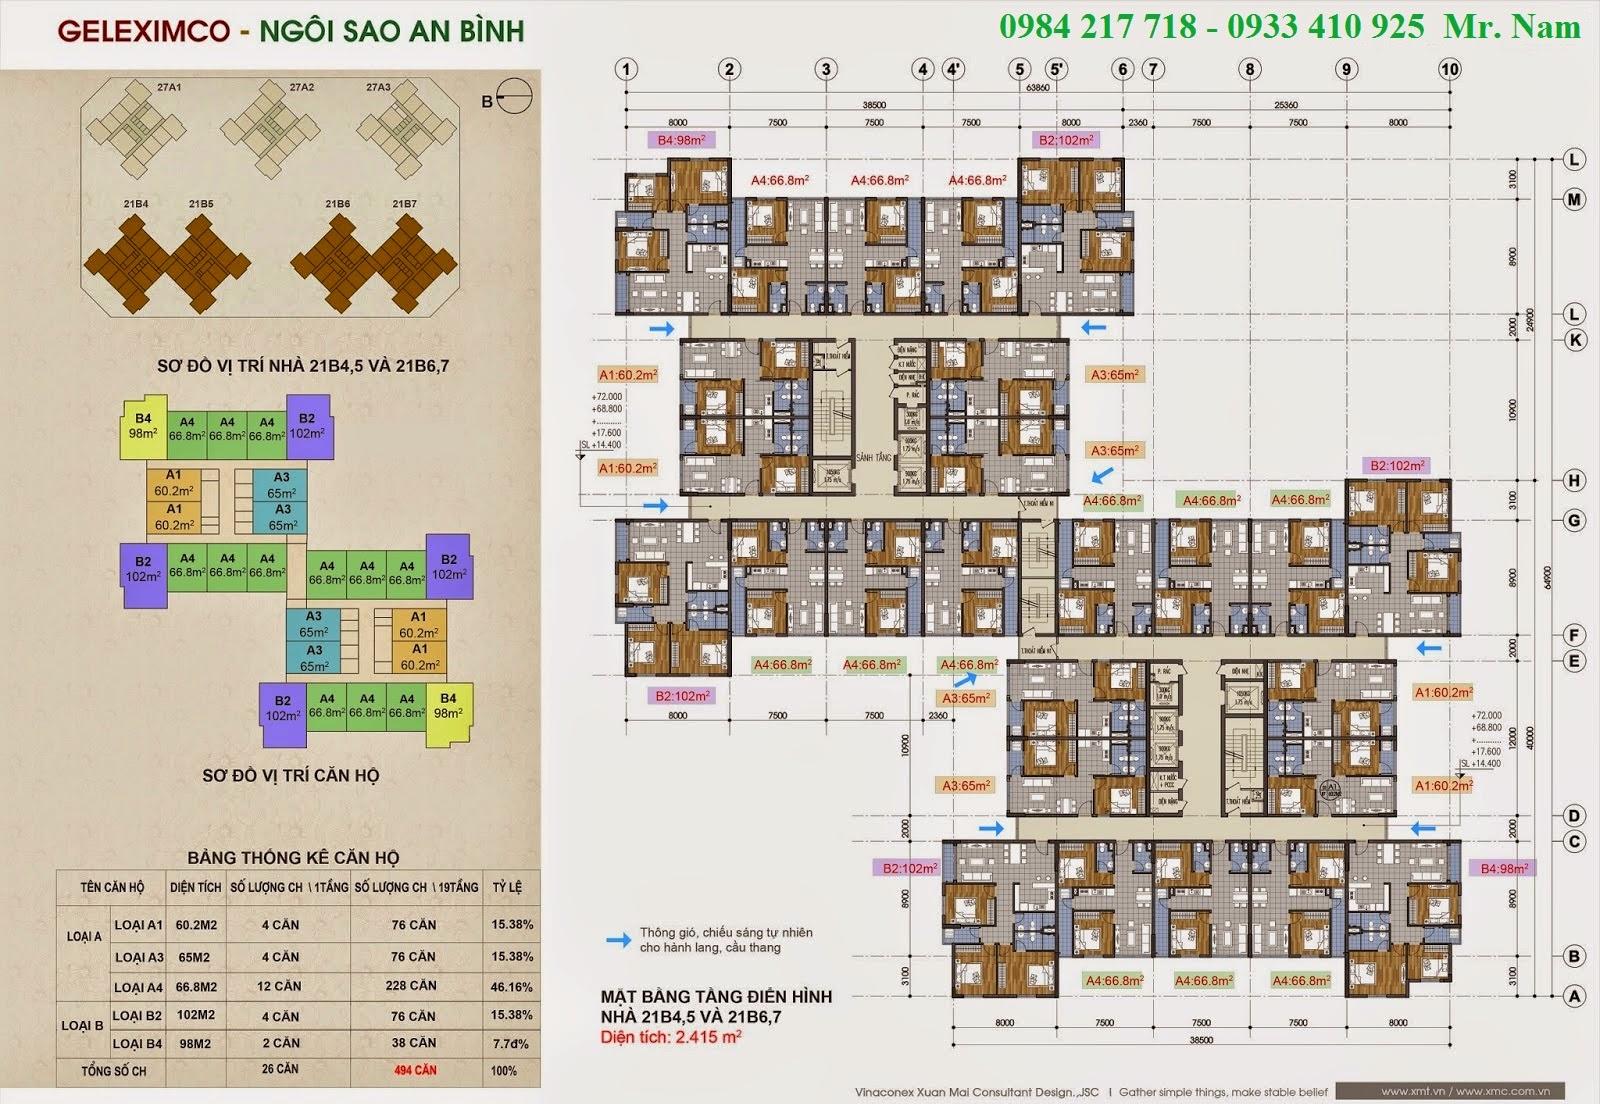 Mặt bằng căn hộ toà A21B4,5 và 21B6,7 chung cư Green Stars